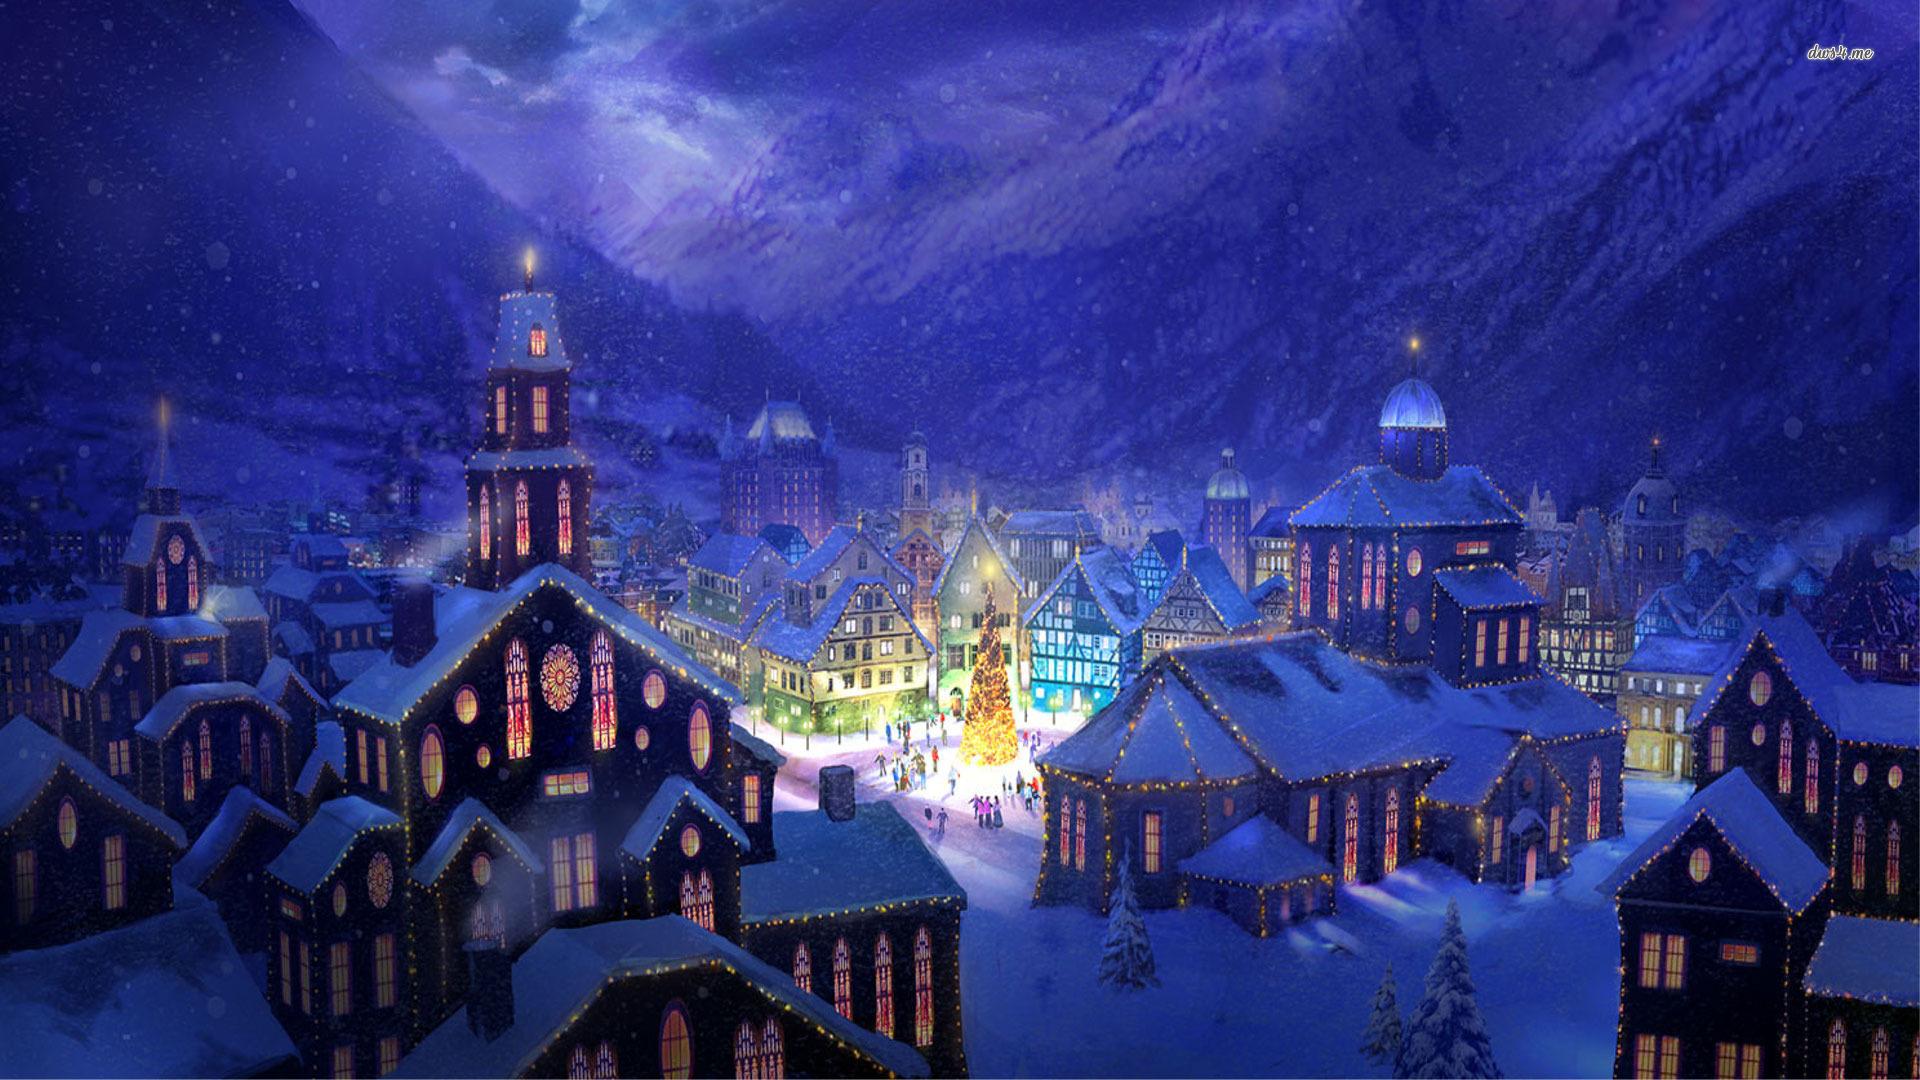 christmas time holiday wallpaper 3520 christmas time 1920x1080 holiday 1920x1080